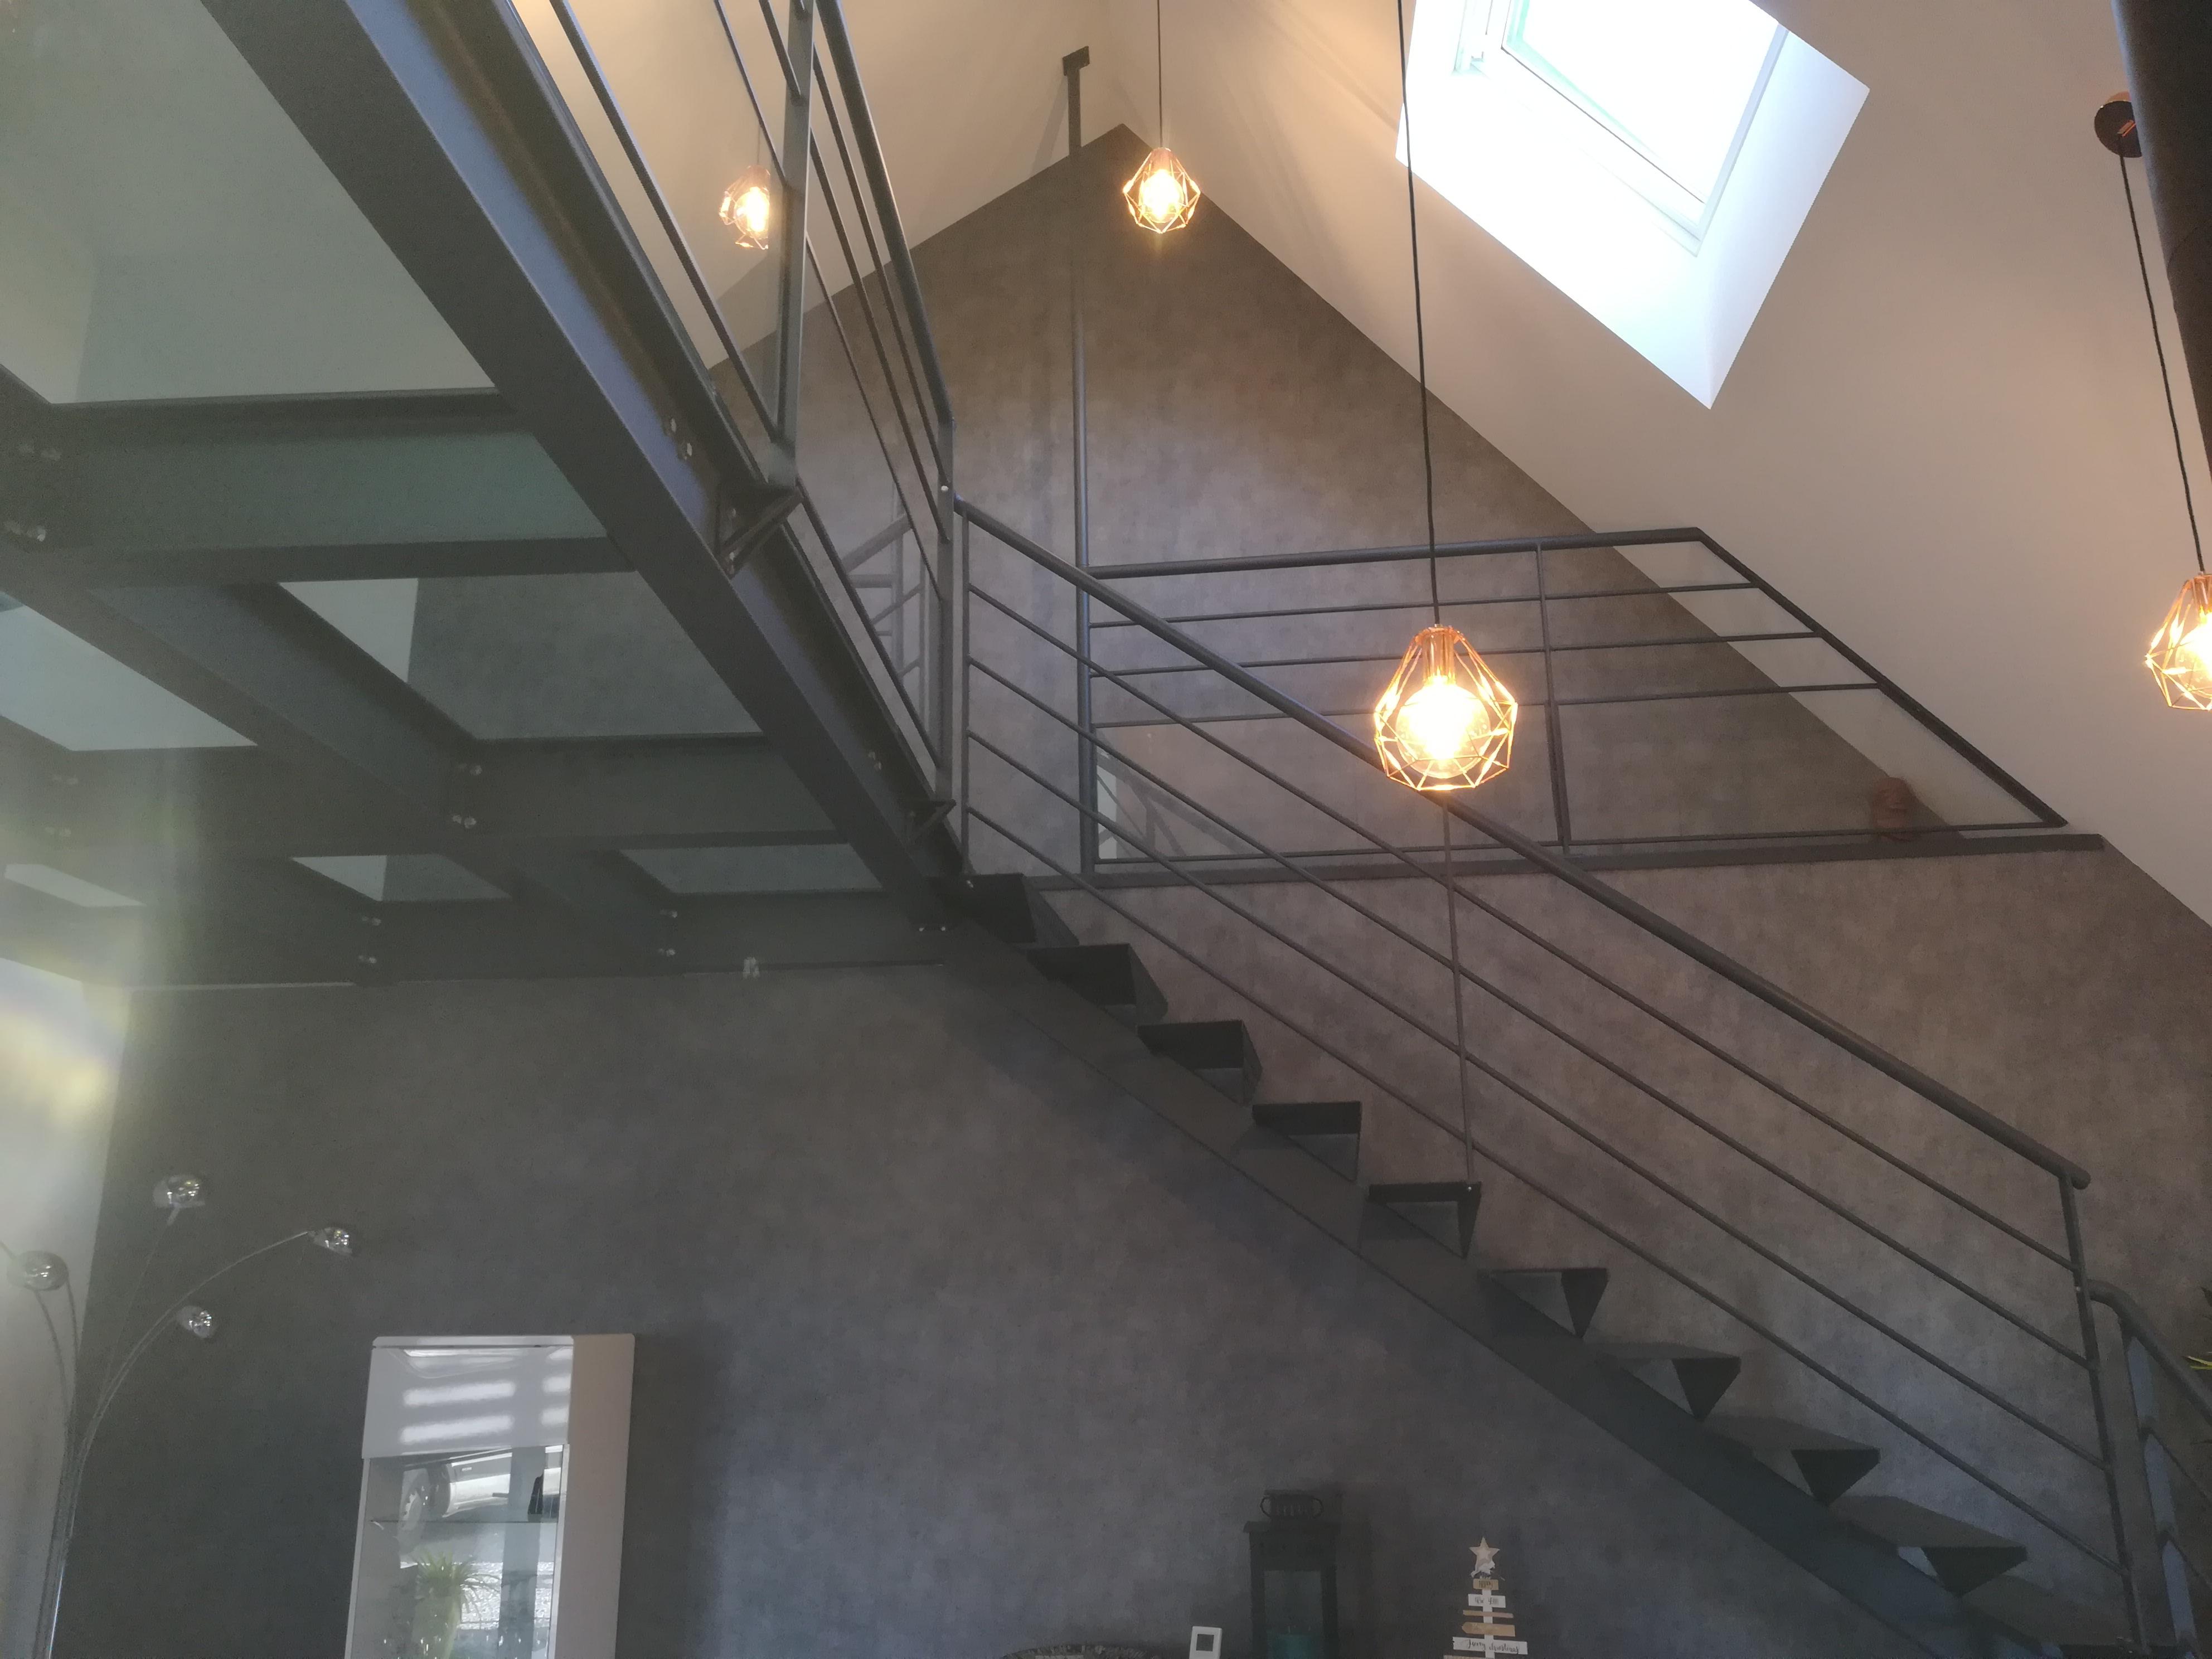 Escalier tout en fer avec mezzanine en fer et pavés de verre